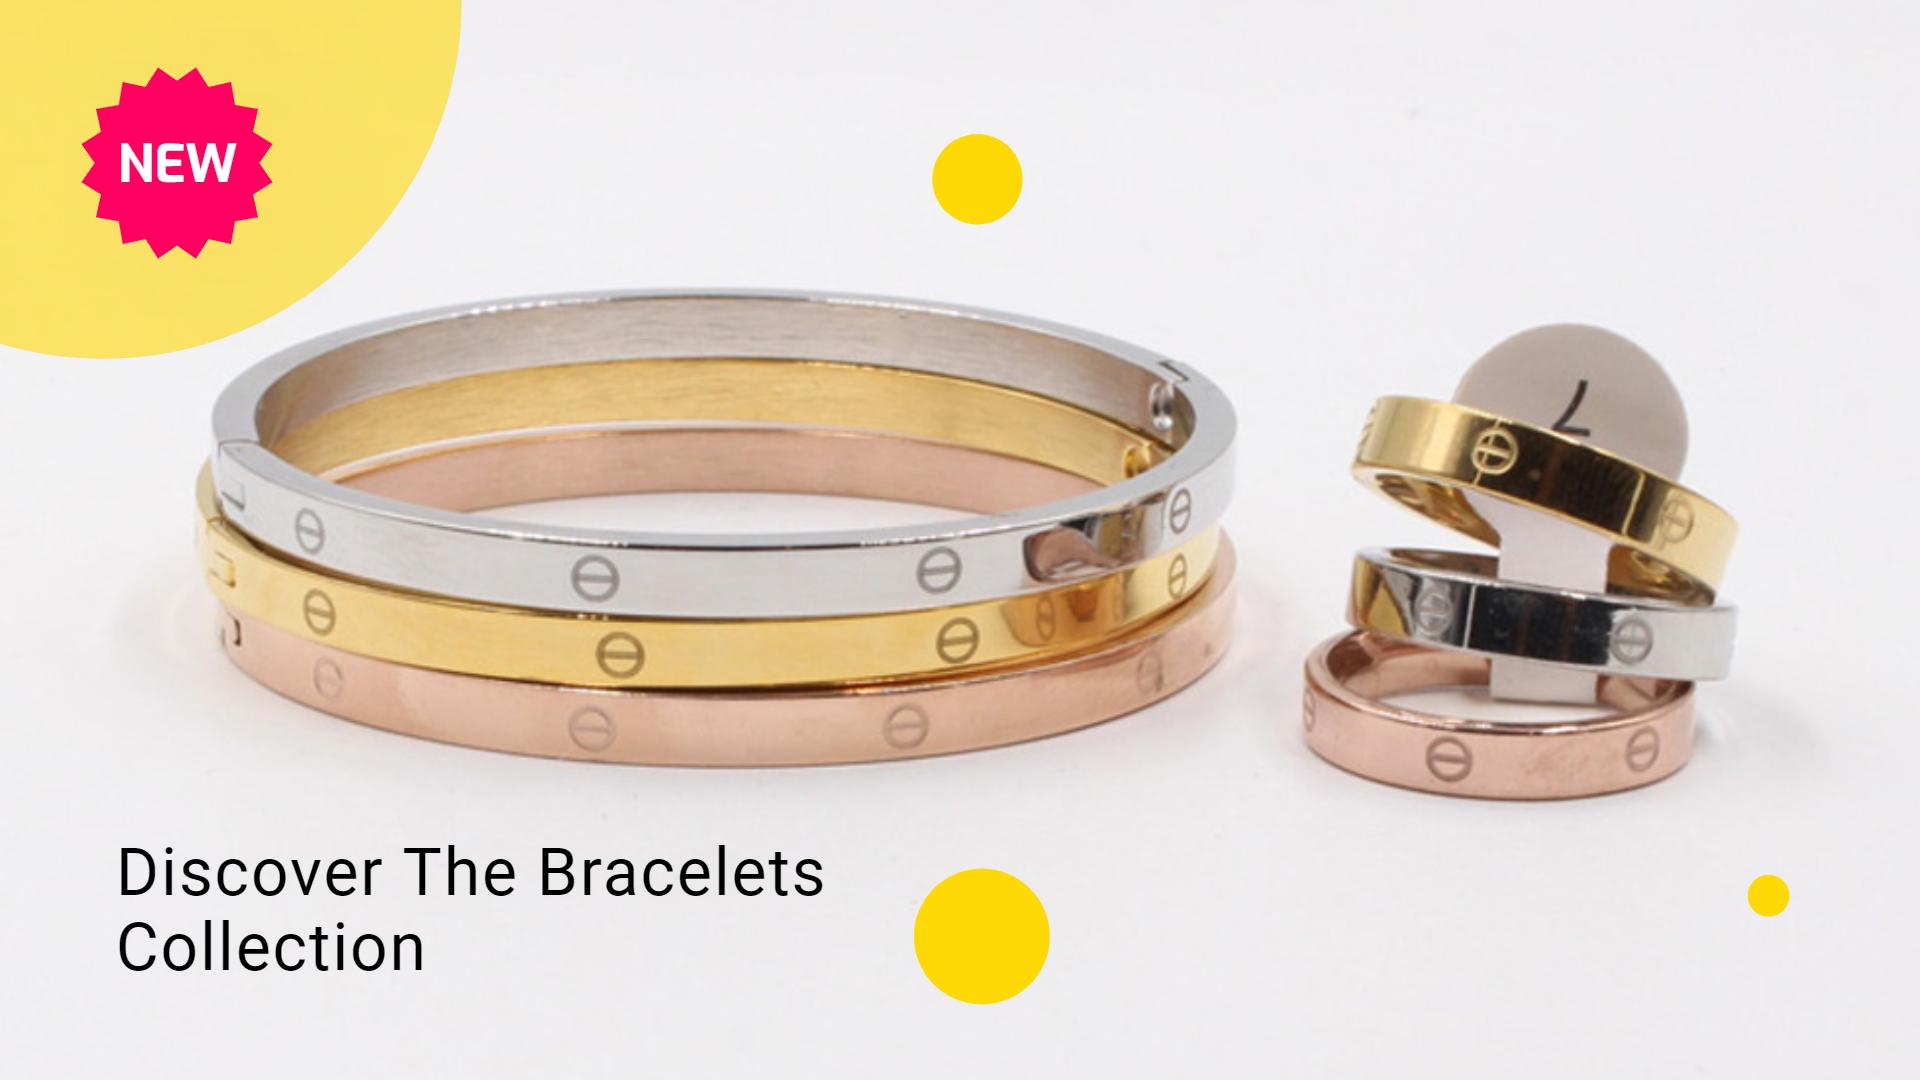 اساور كارتير وخواتم Slim Cartier Love Bracelet Accessories Bracelets Love Bracelets